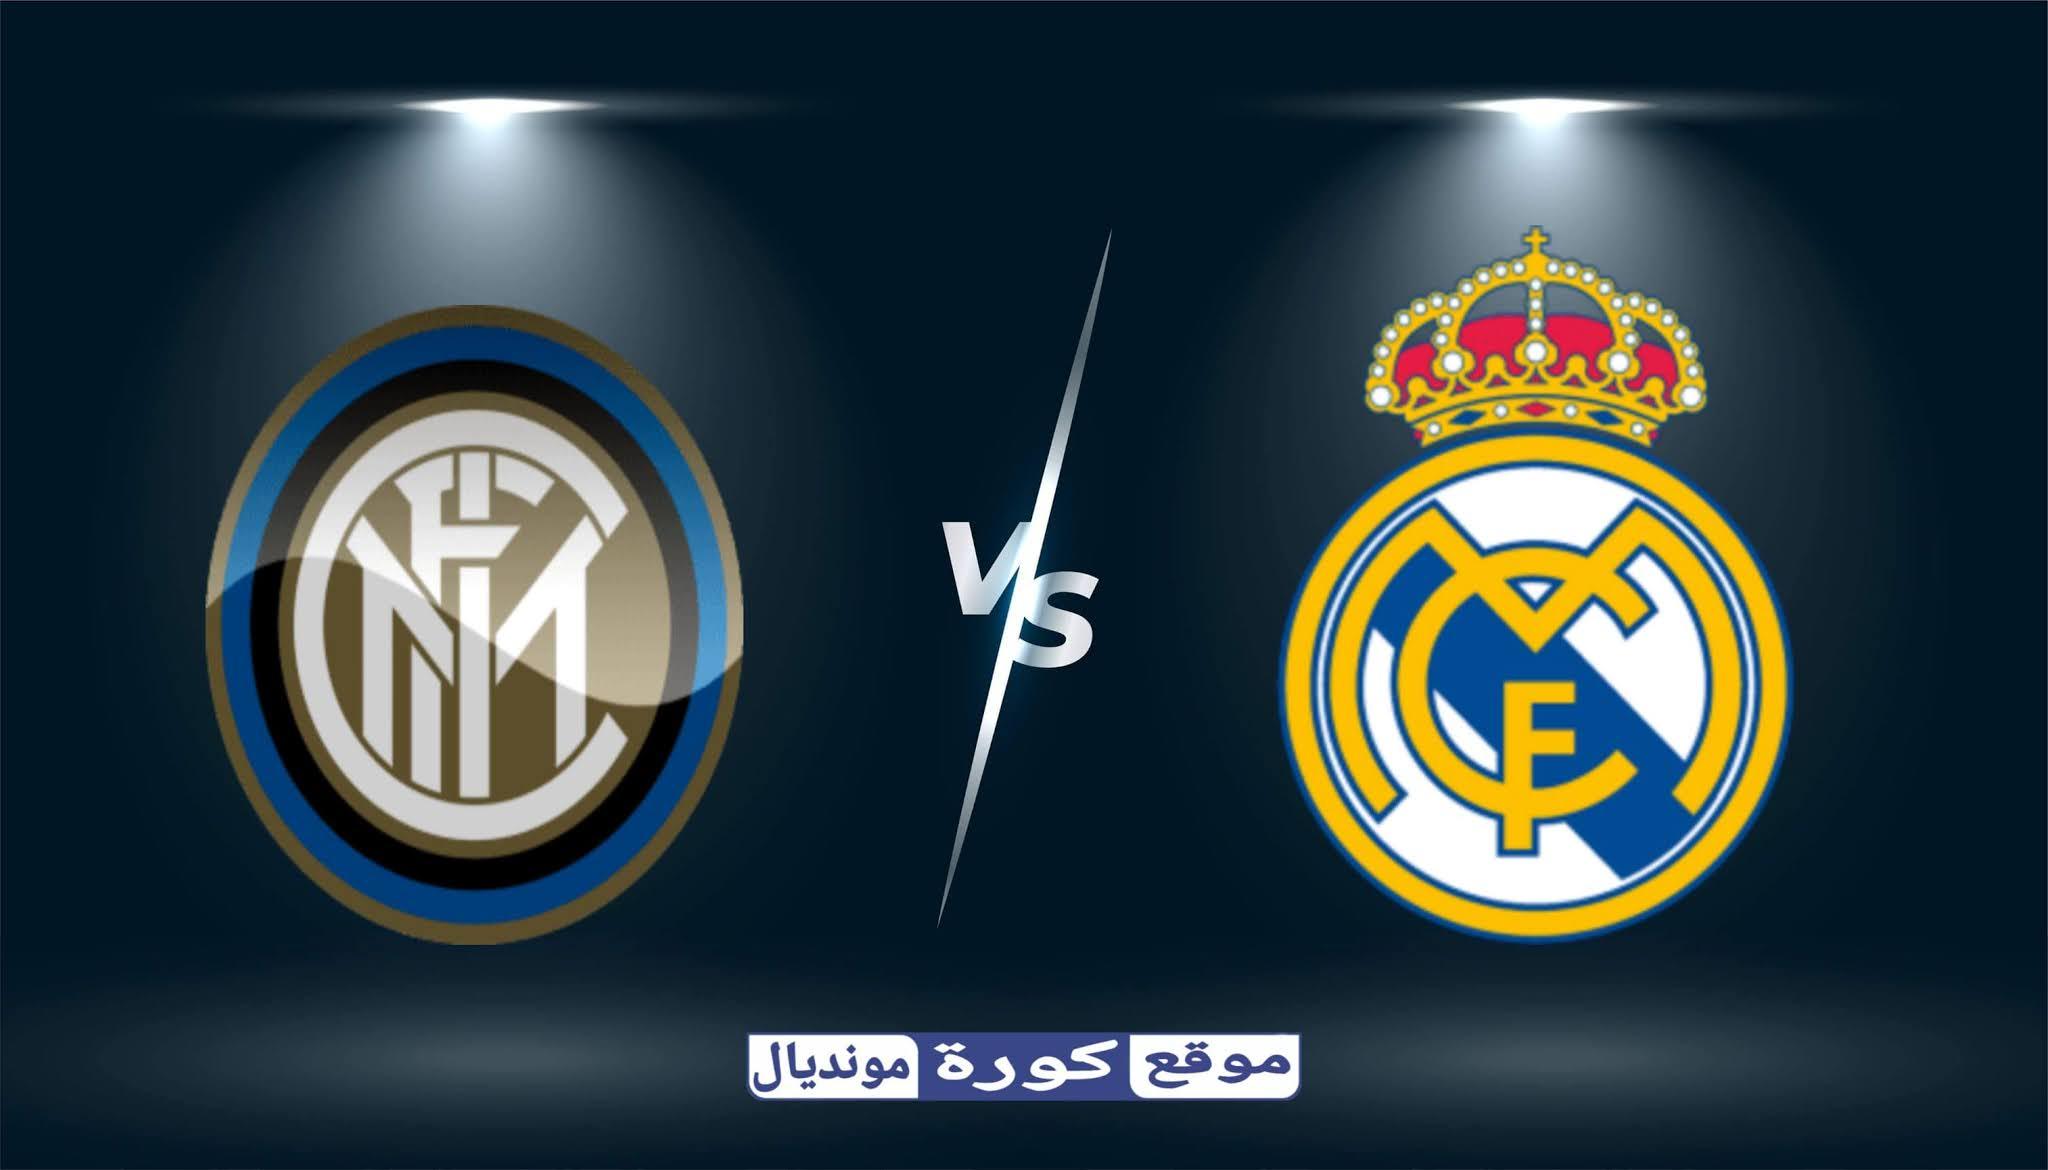 مشاهدة مباراة ريال مدريد و إنتر ميلان بث مباشر اليوم 03-11-2020 في دوري أبطال أوروبا